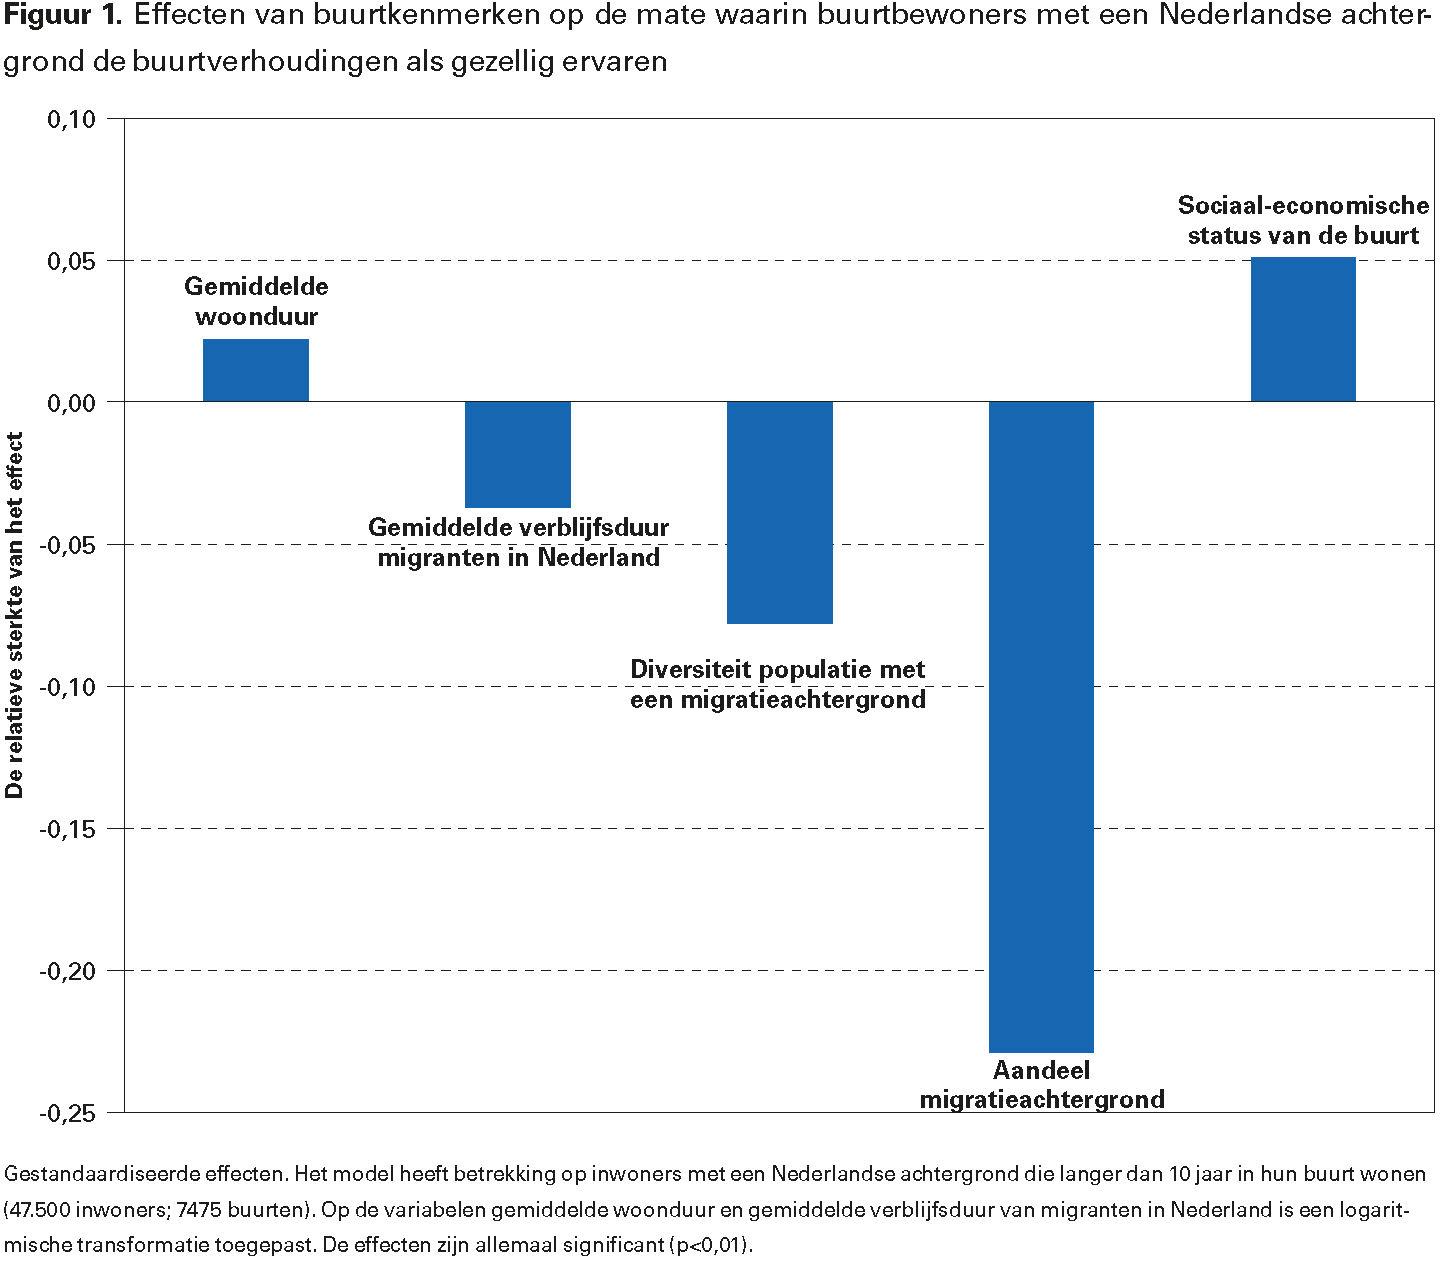 Figuur 1. Effecten van buurtkenmerken op de mate waarin buurtbewoners met een Nederlandse achtergrond de buurtverhoudingen als gezellig ervaren